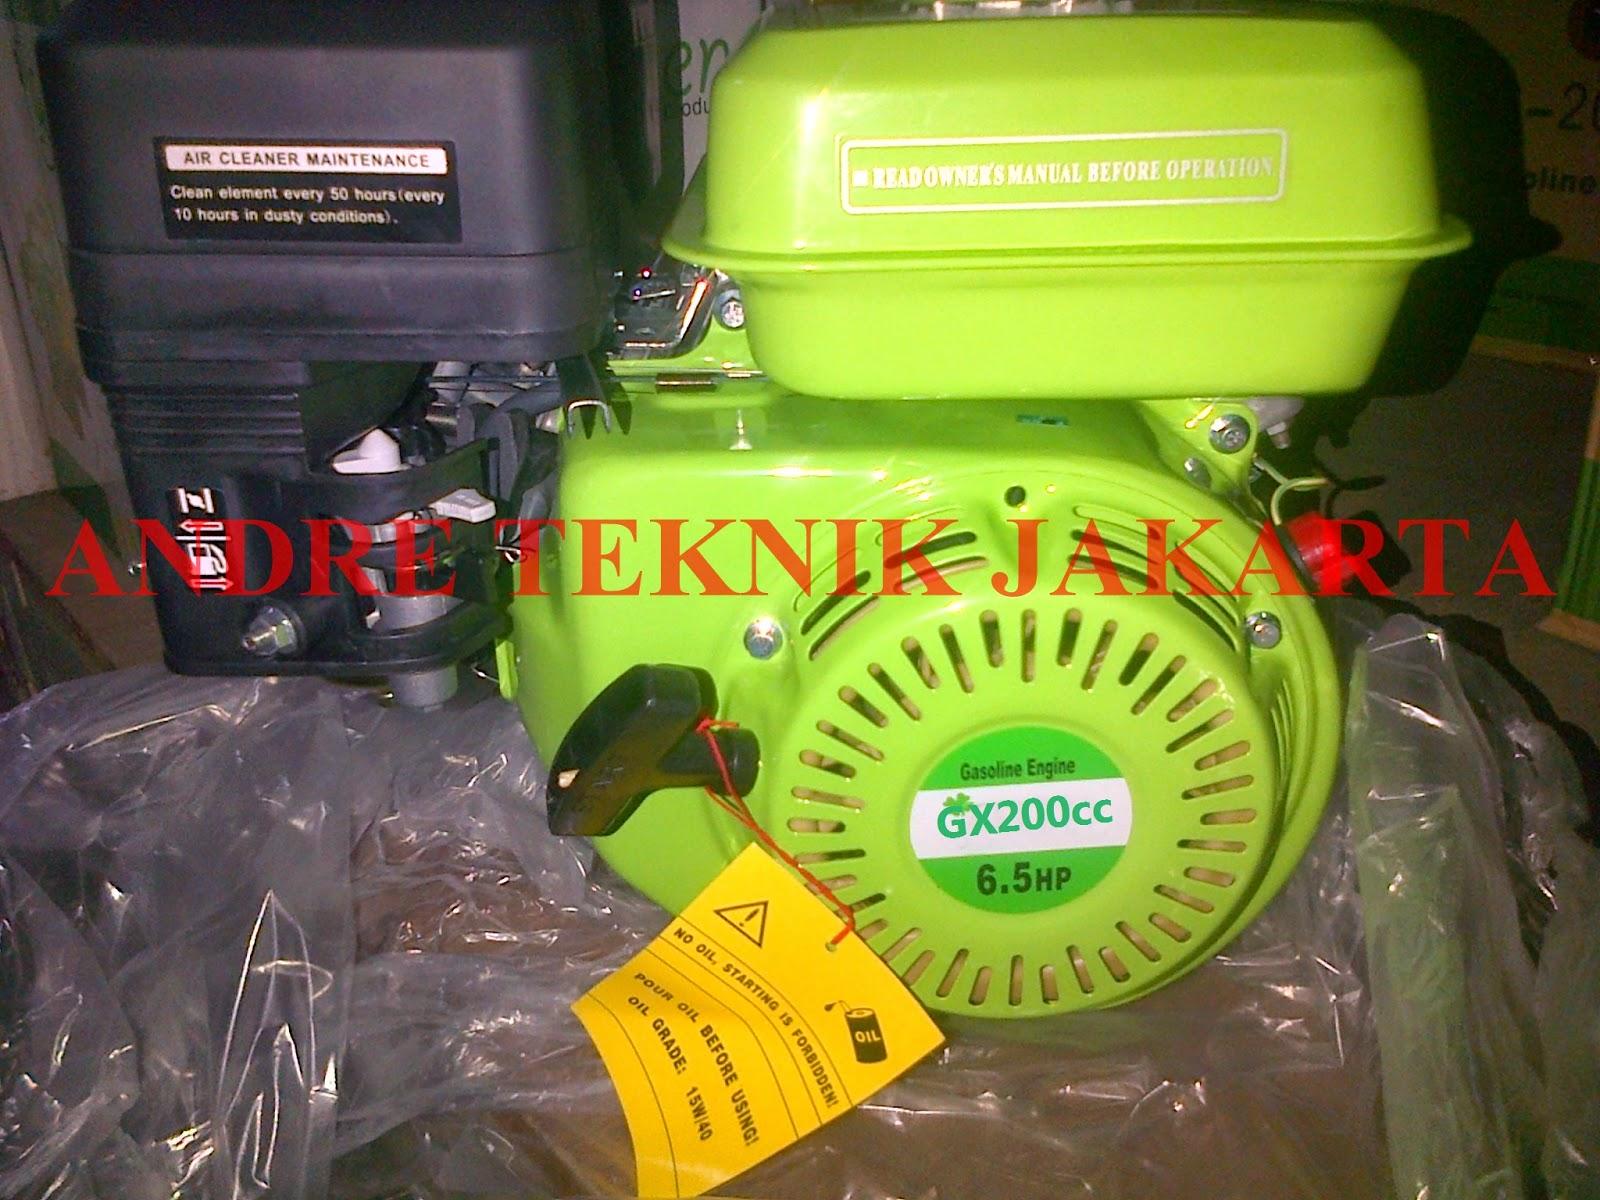 ANDRE TEKNIK JAKARTA: HARGA MESIN GX 160 200 270 390 670